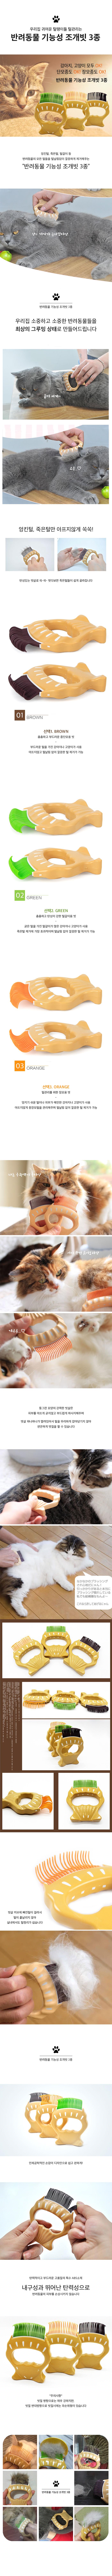 고양이 강아지 사랑조개빗 3종 그루밍 털제거 브러쉬 단모 장모 - 갓샵, 14,900원, 미용/목욕용품, 브러쉬